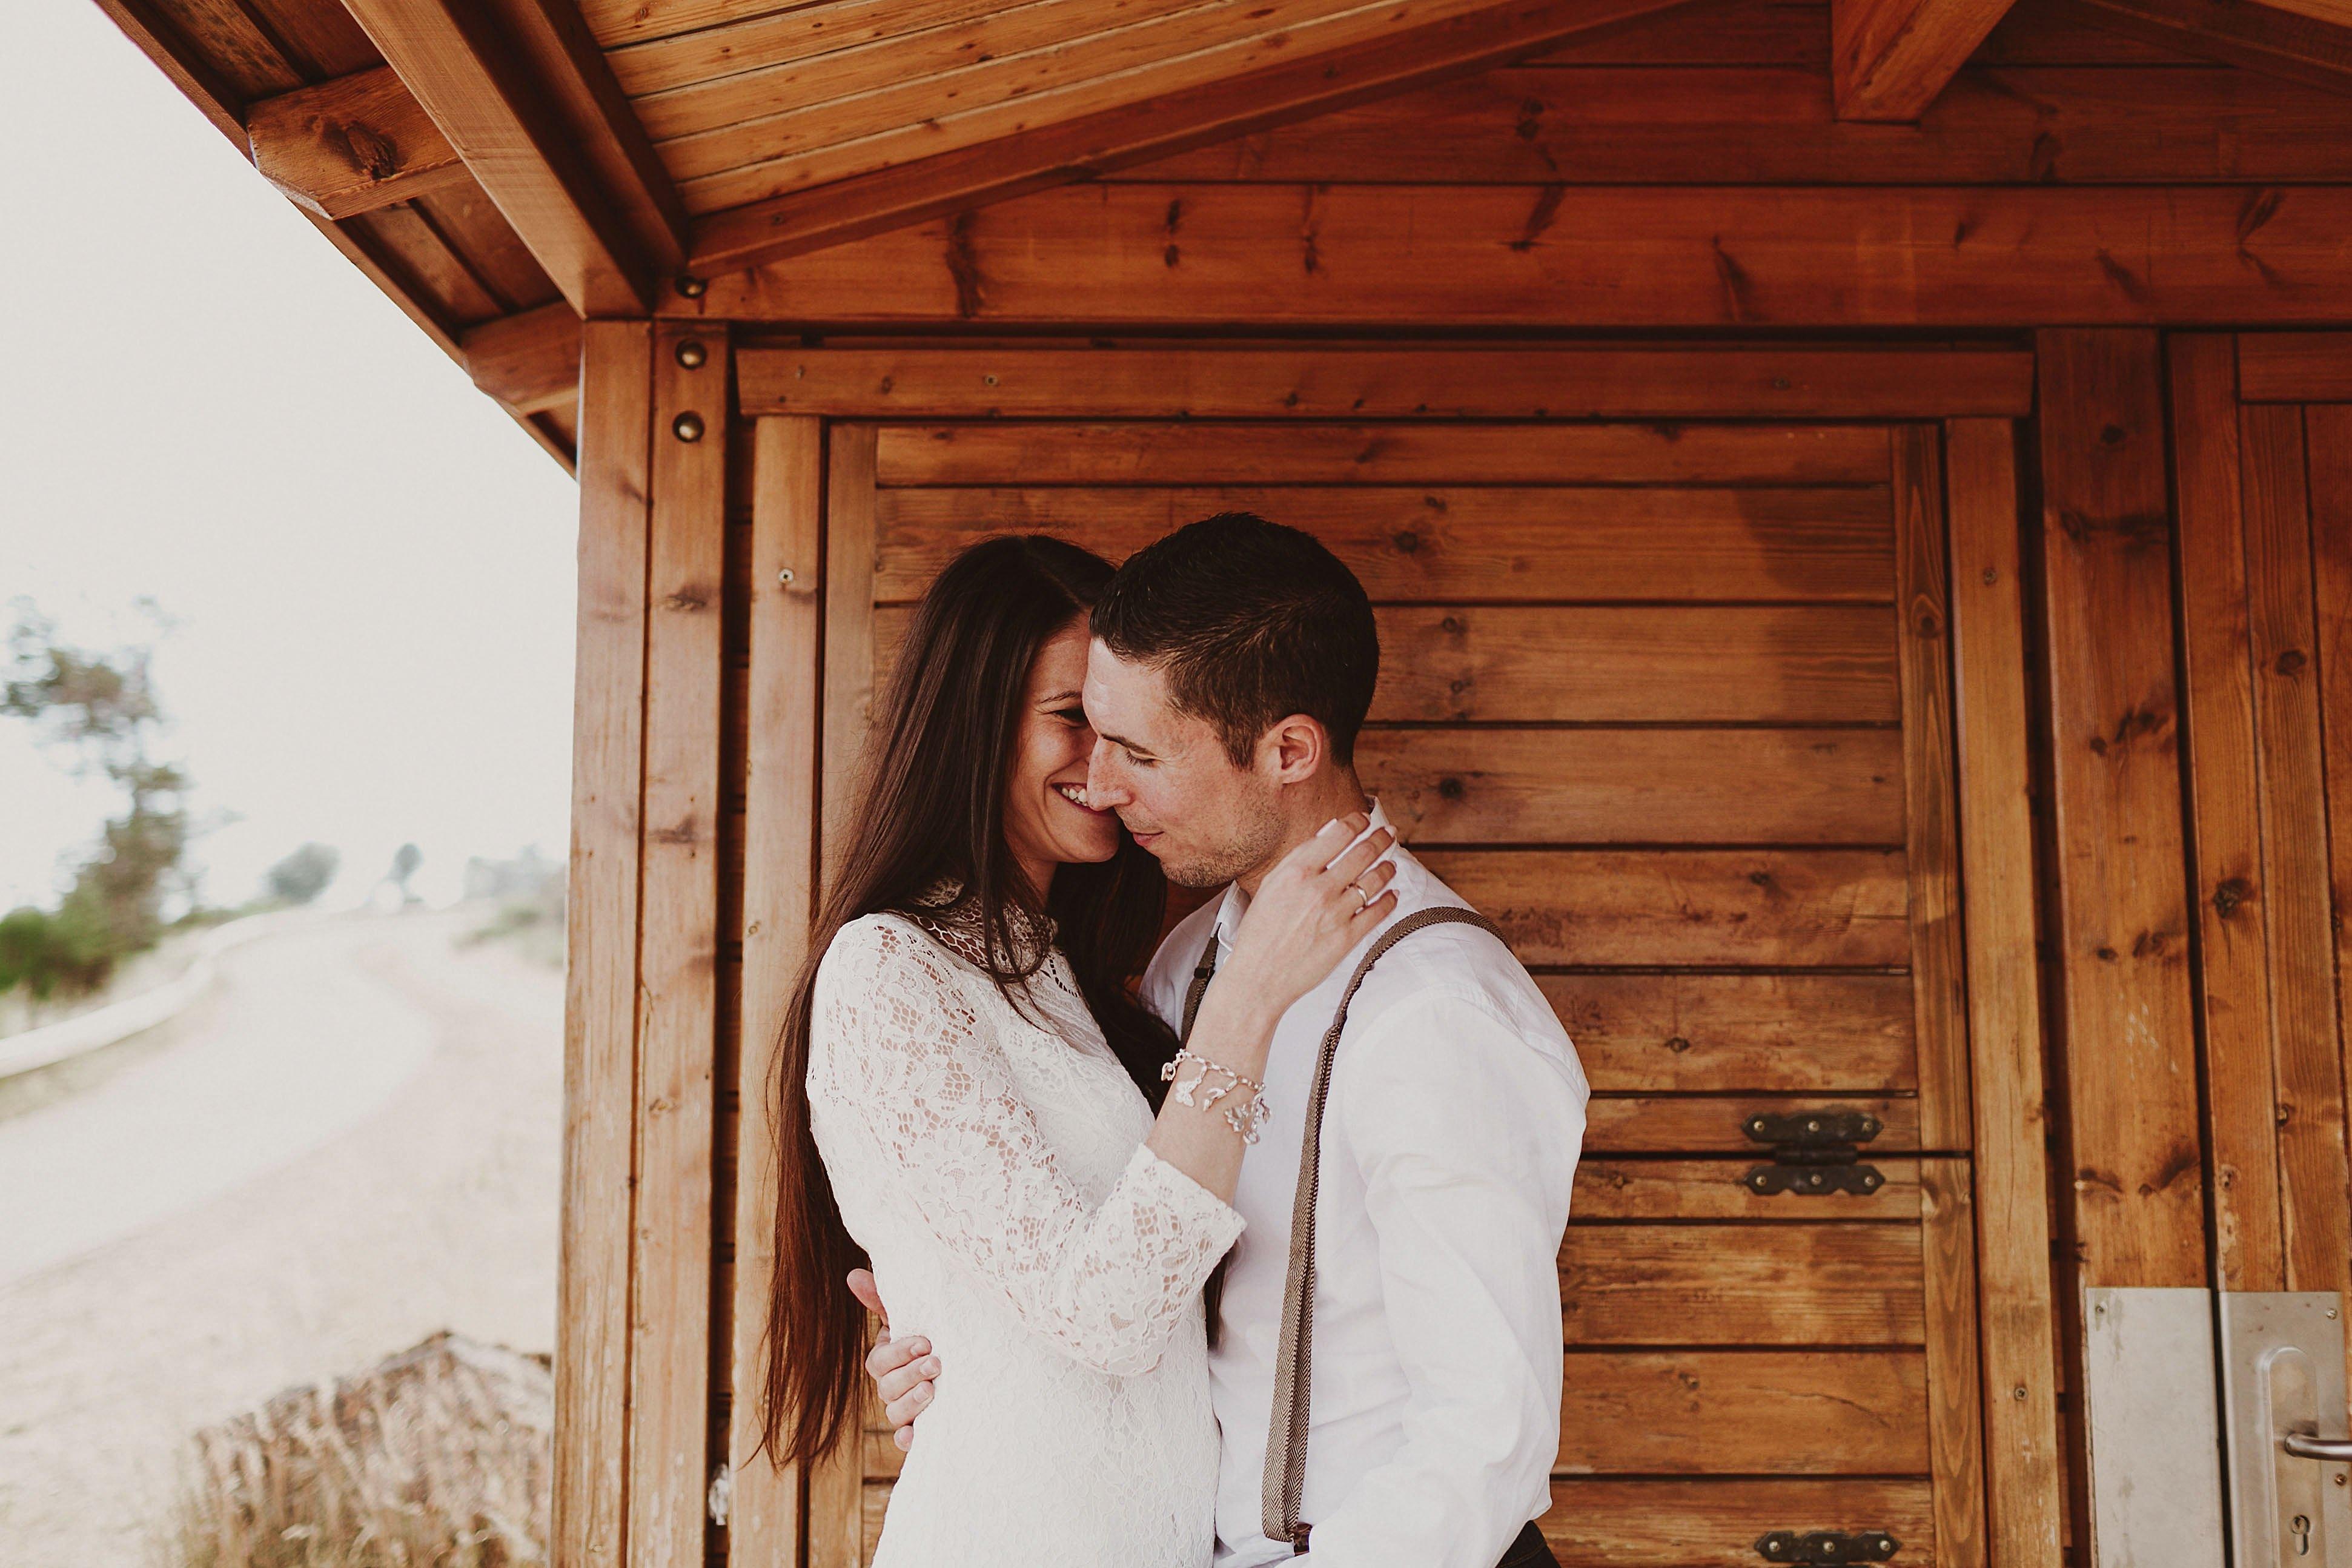 Preboda en la montaña. fotografo de bodas barcelona.bodas girona_010